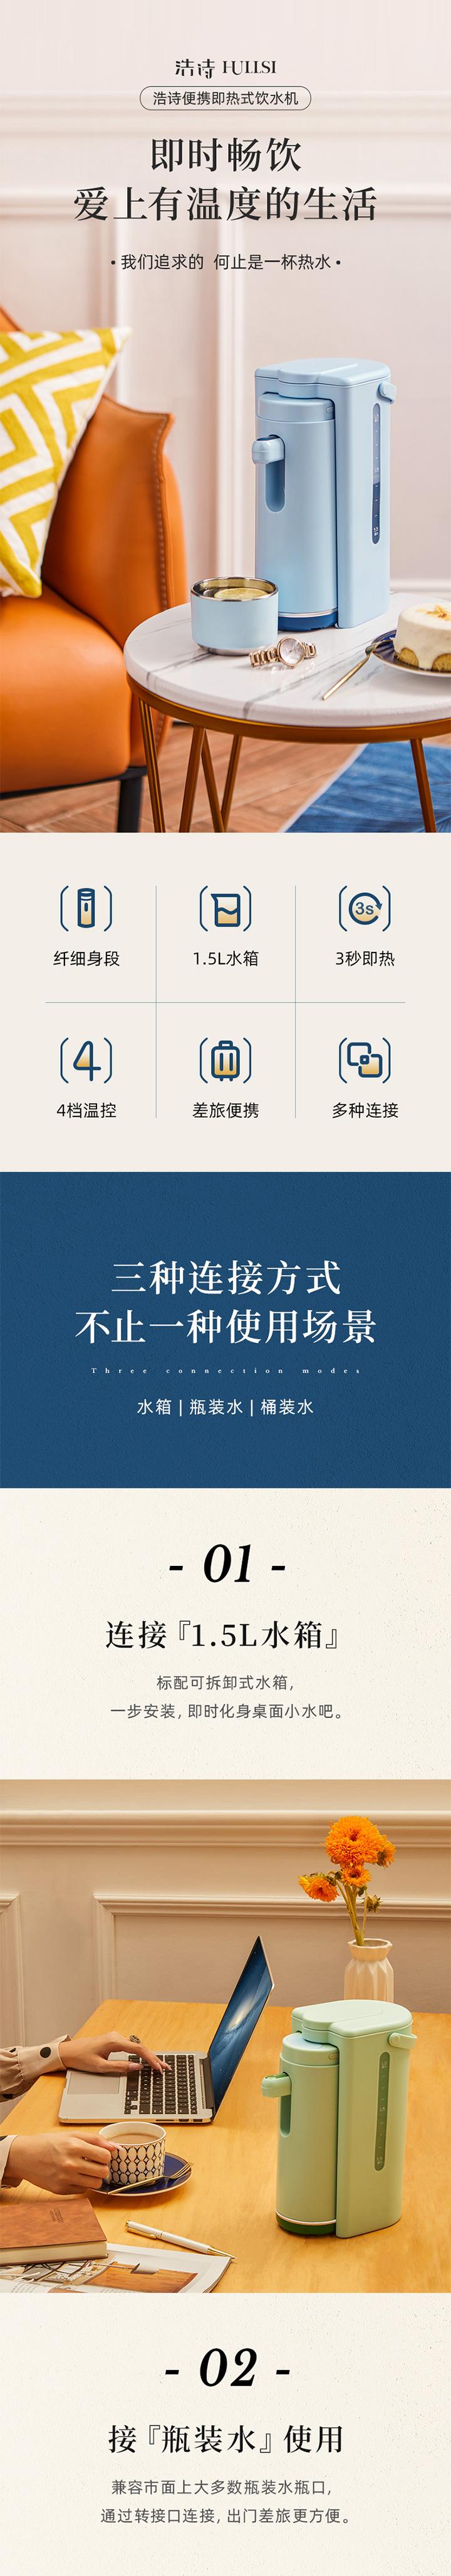 【轻众测】浩诗即热式饮水机免费试用,评测